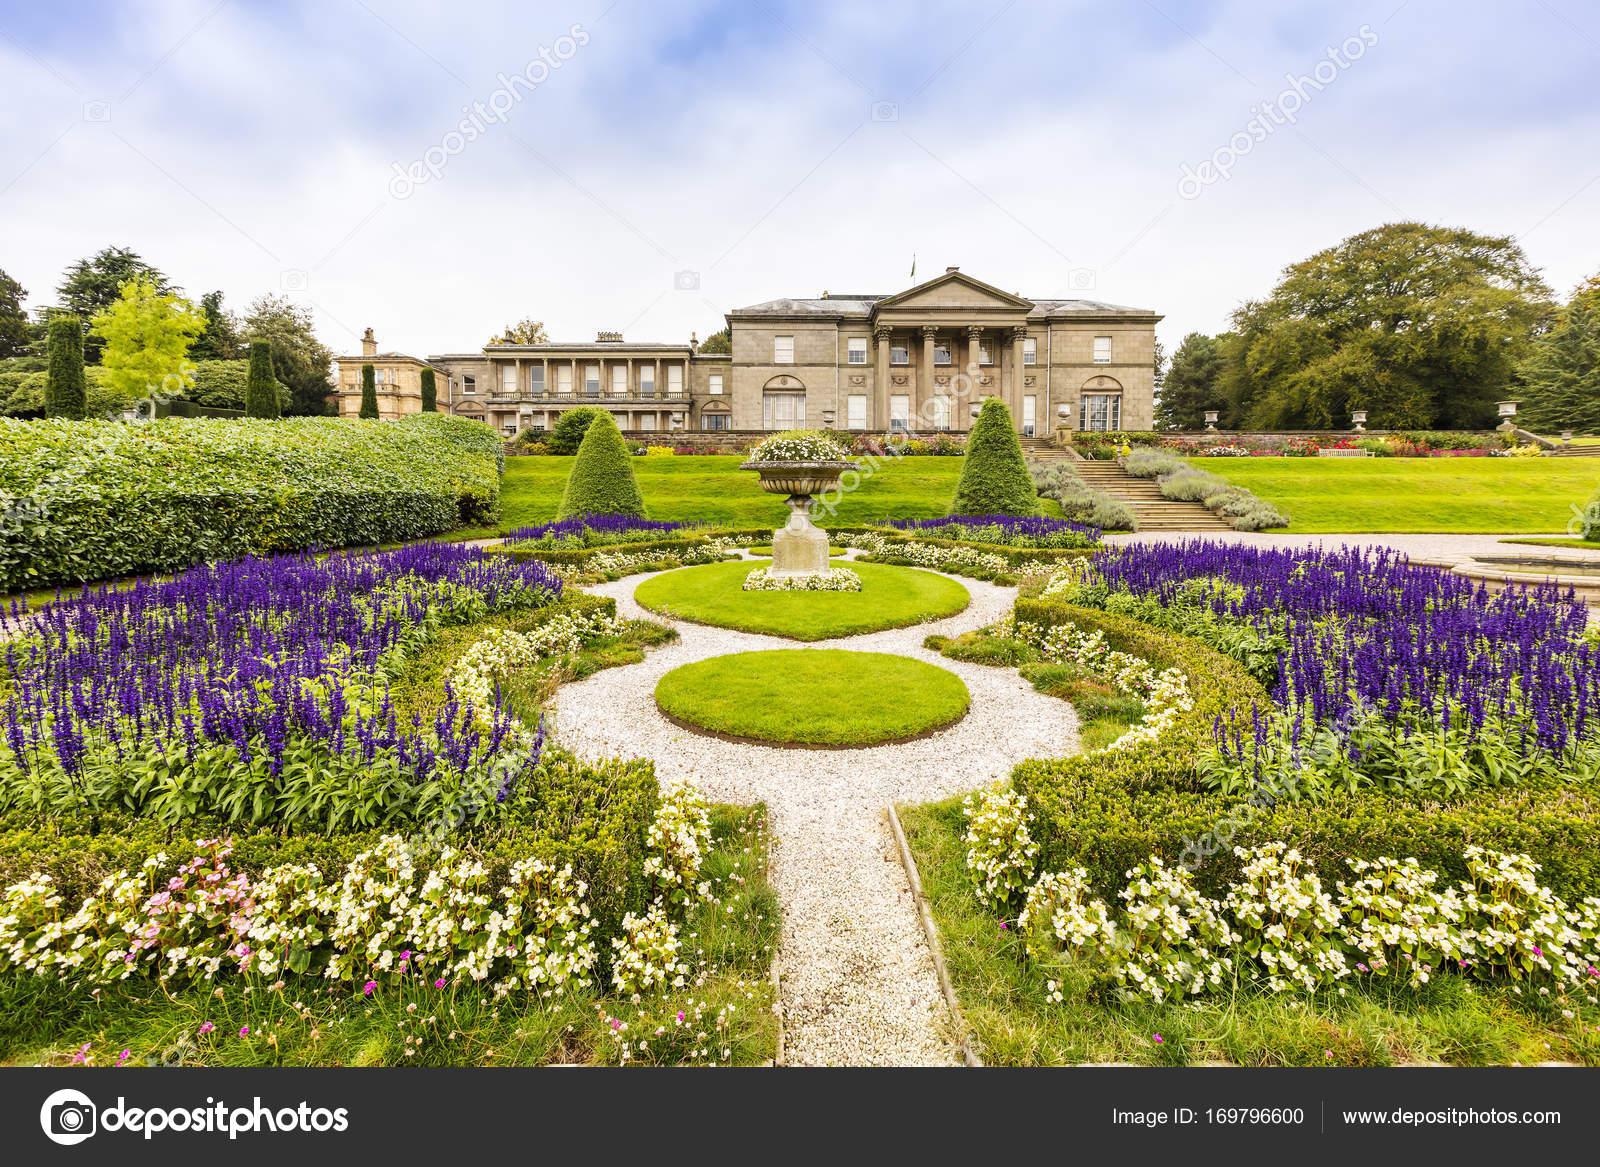 Gärten Und Einem Historischen Herrenhaus In England Stockfoto